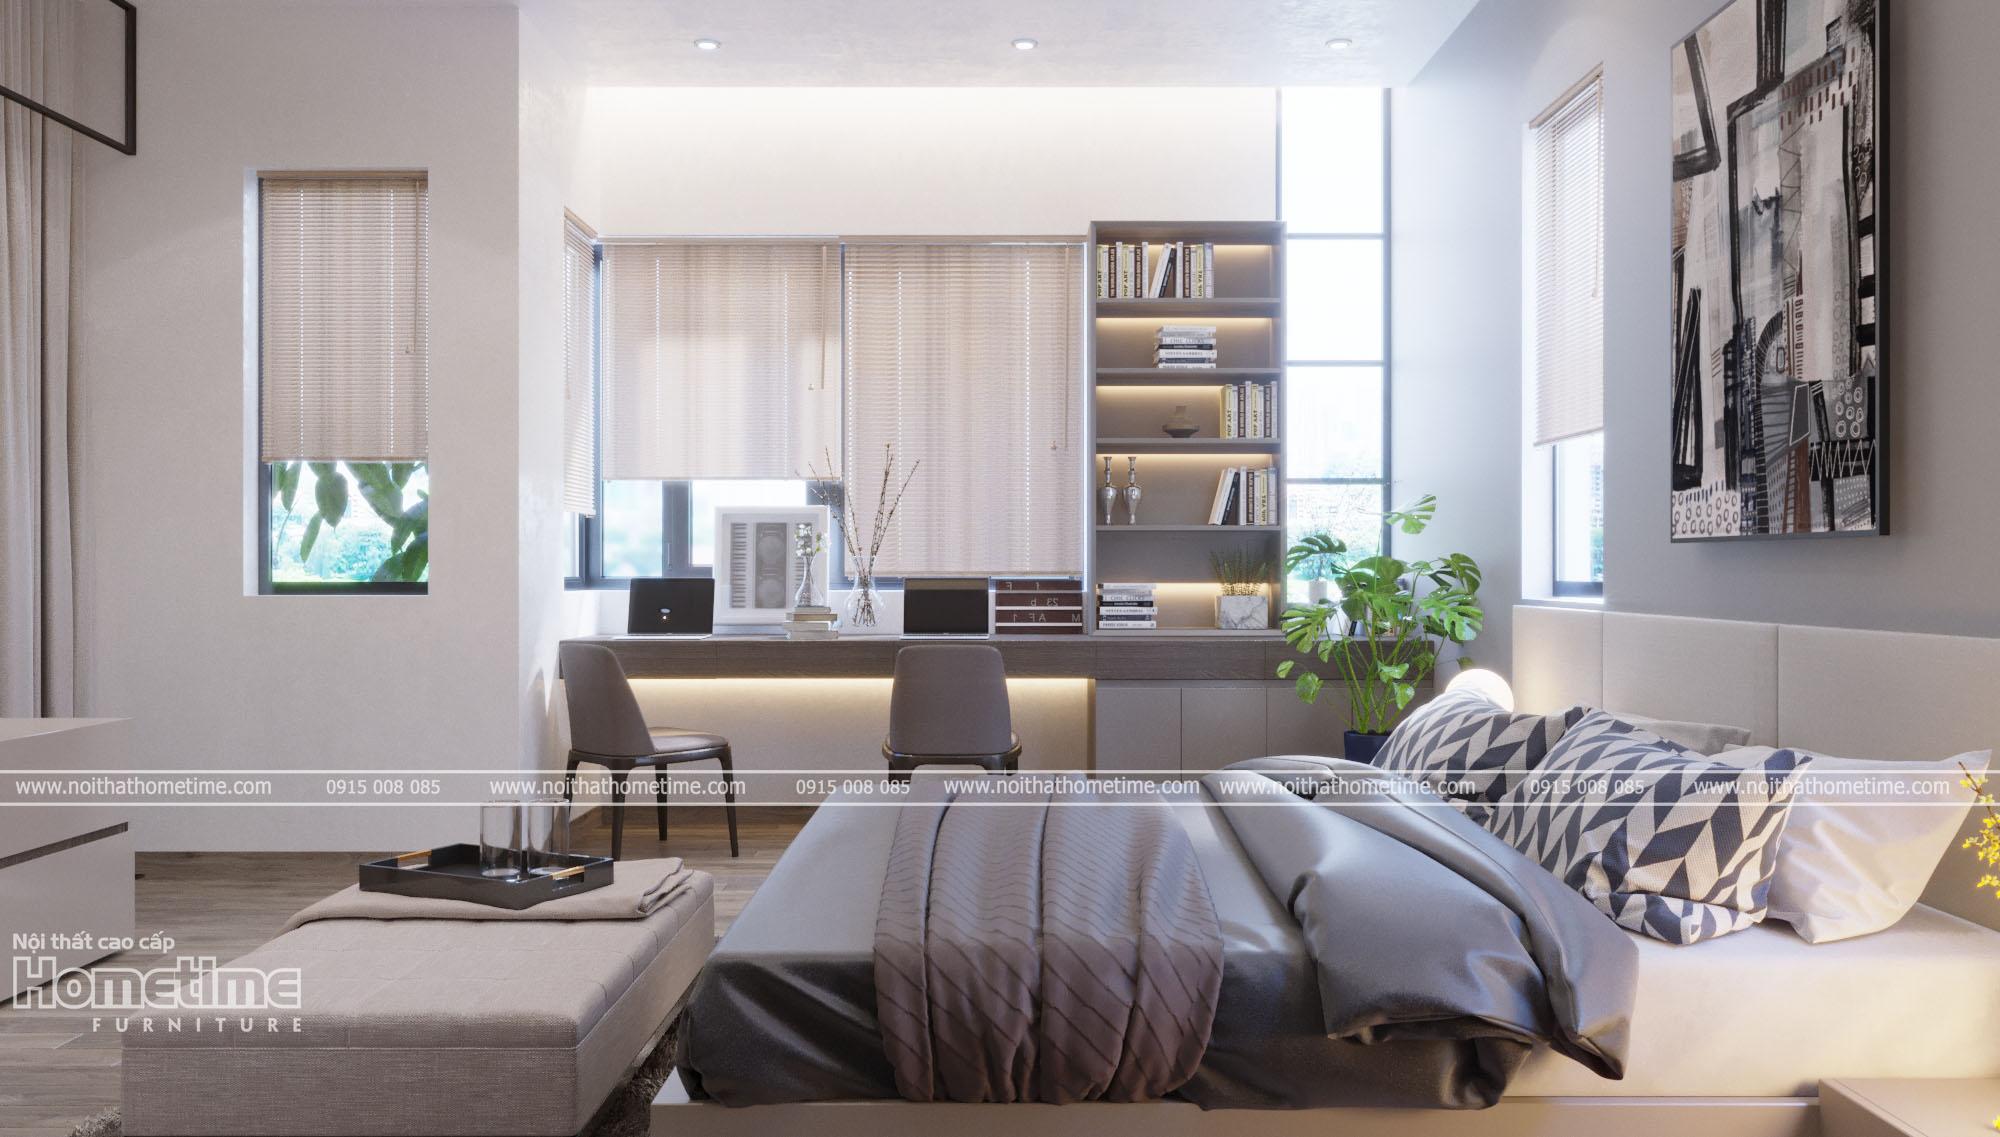 Thiết kế nội thất phòng ngủ - Kệ sách và bàn học đơn giản, hiện đại